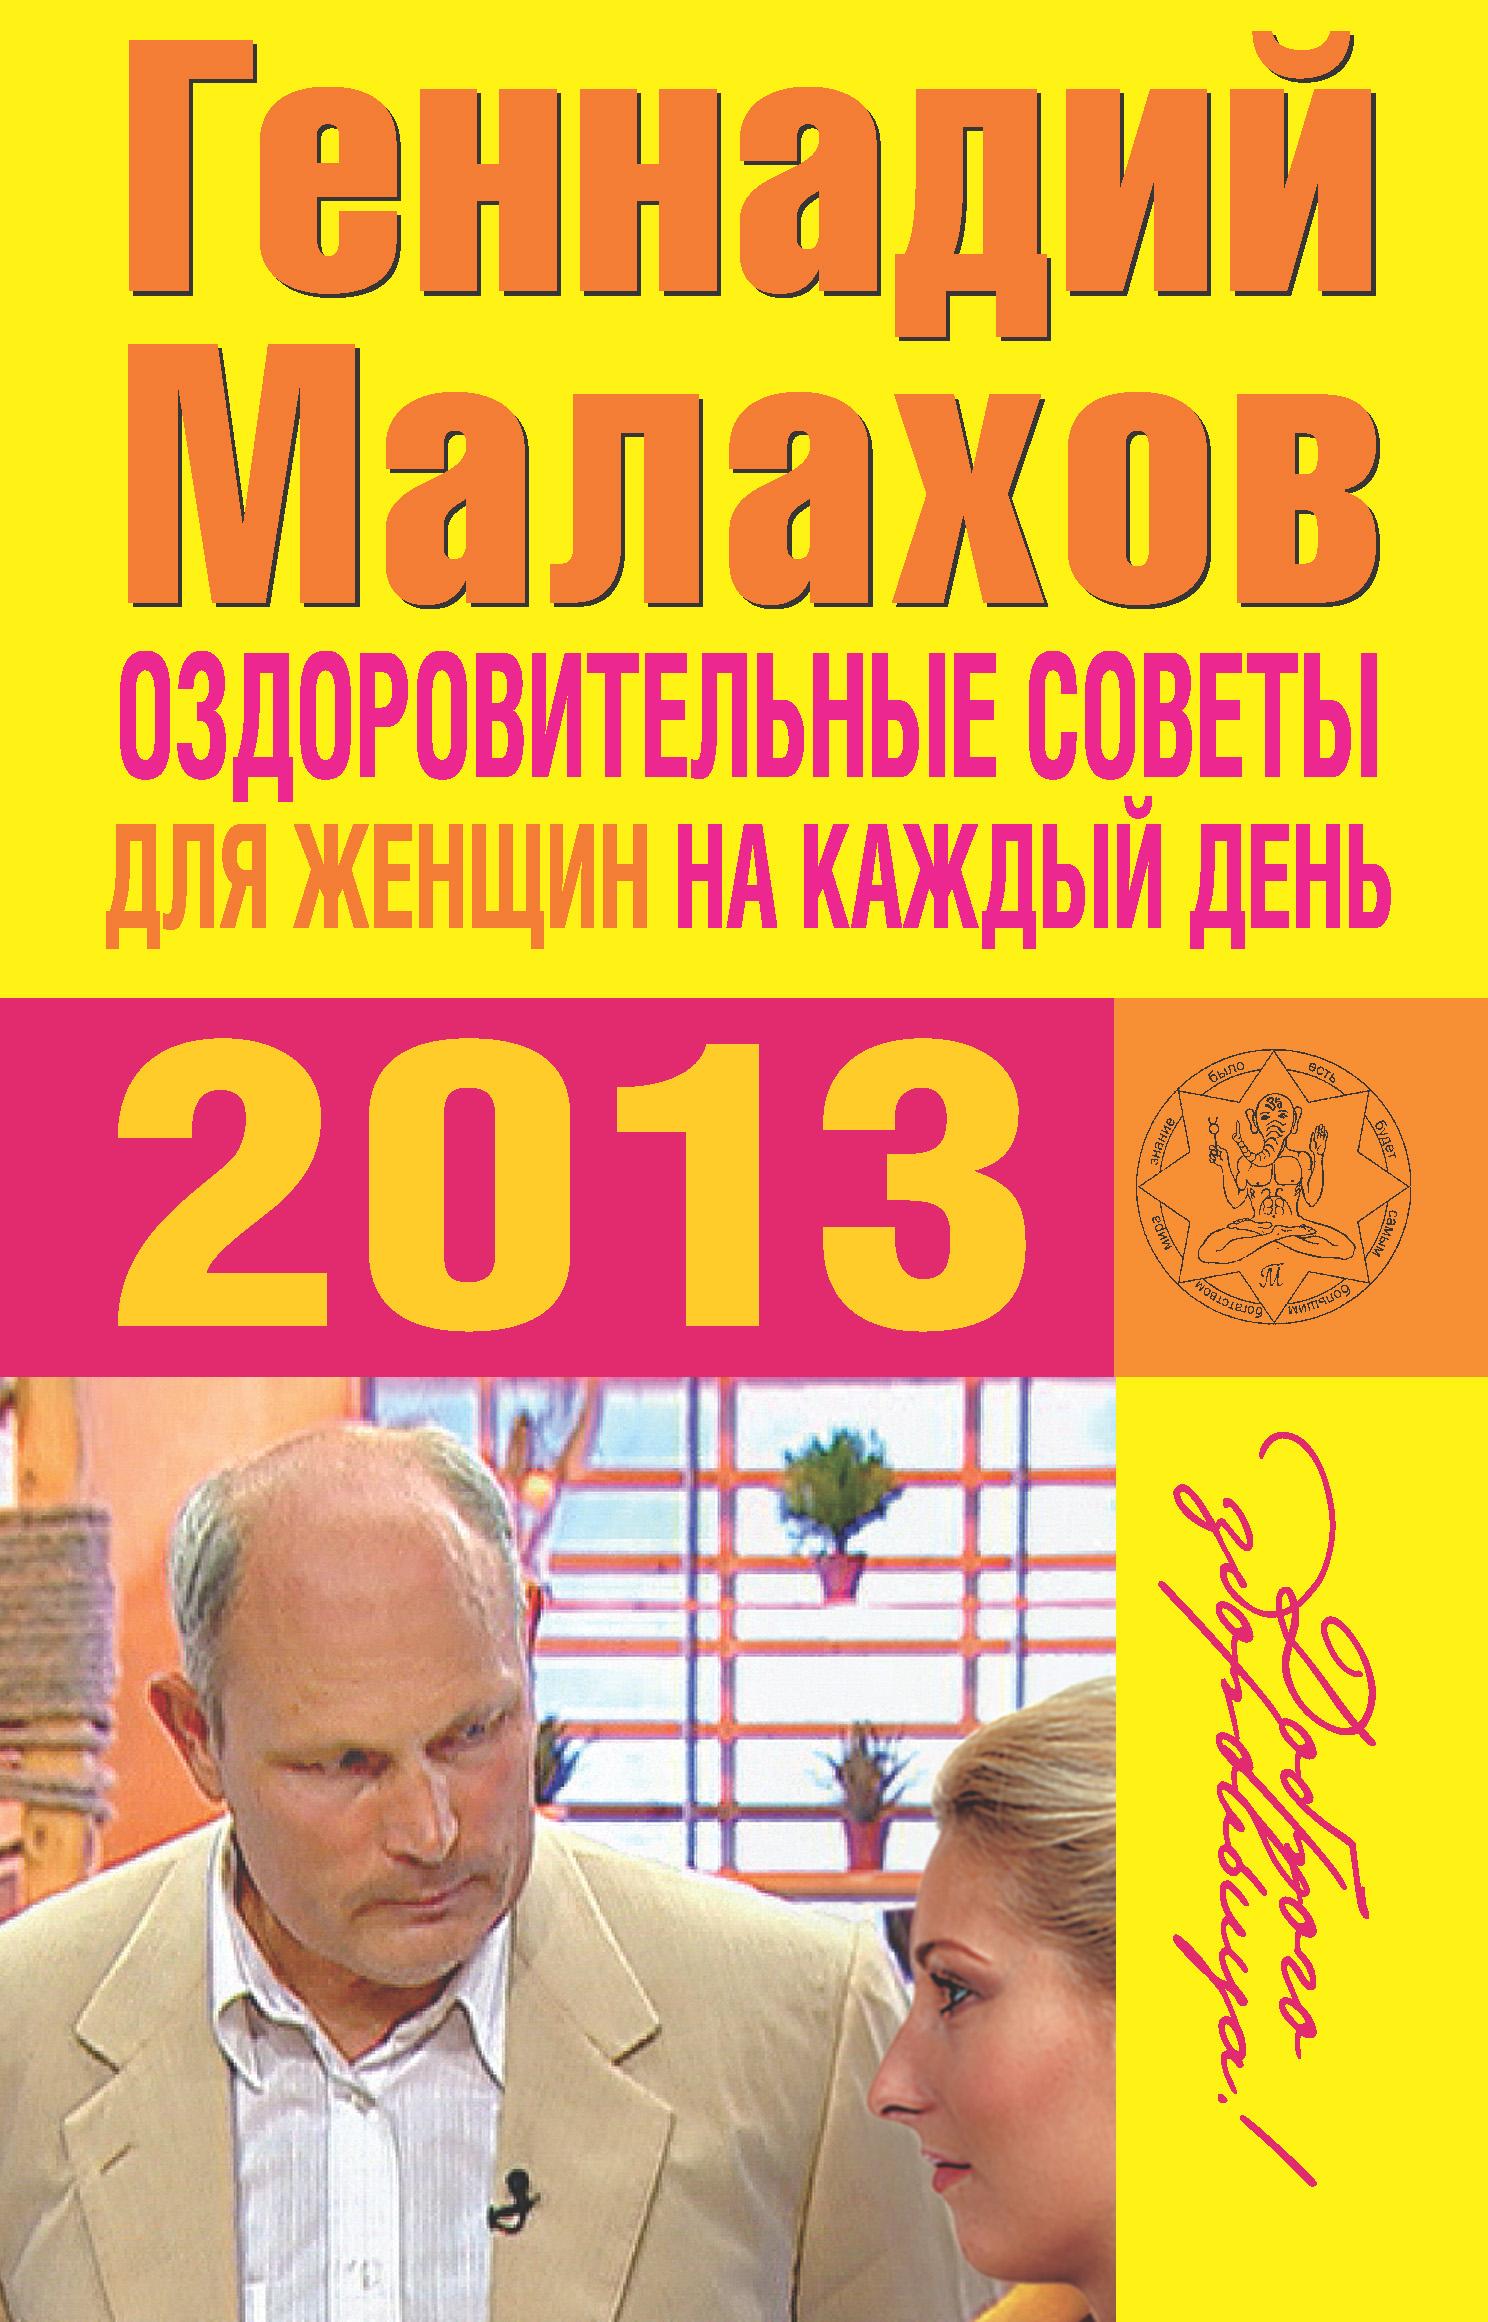 Геннадий Малахов Оздоровительные советы для женщин на каждый день 2013 года малахов г лунный календарь здоровья 2019 год советы на каждый день